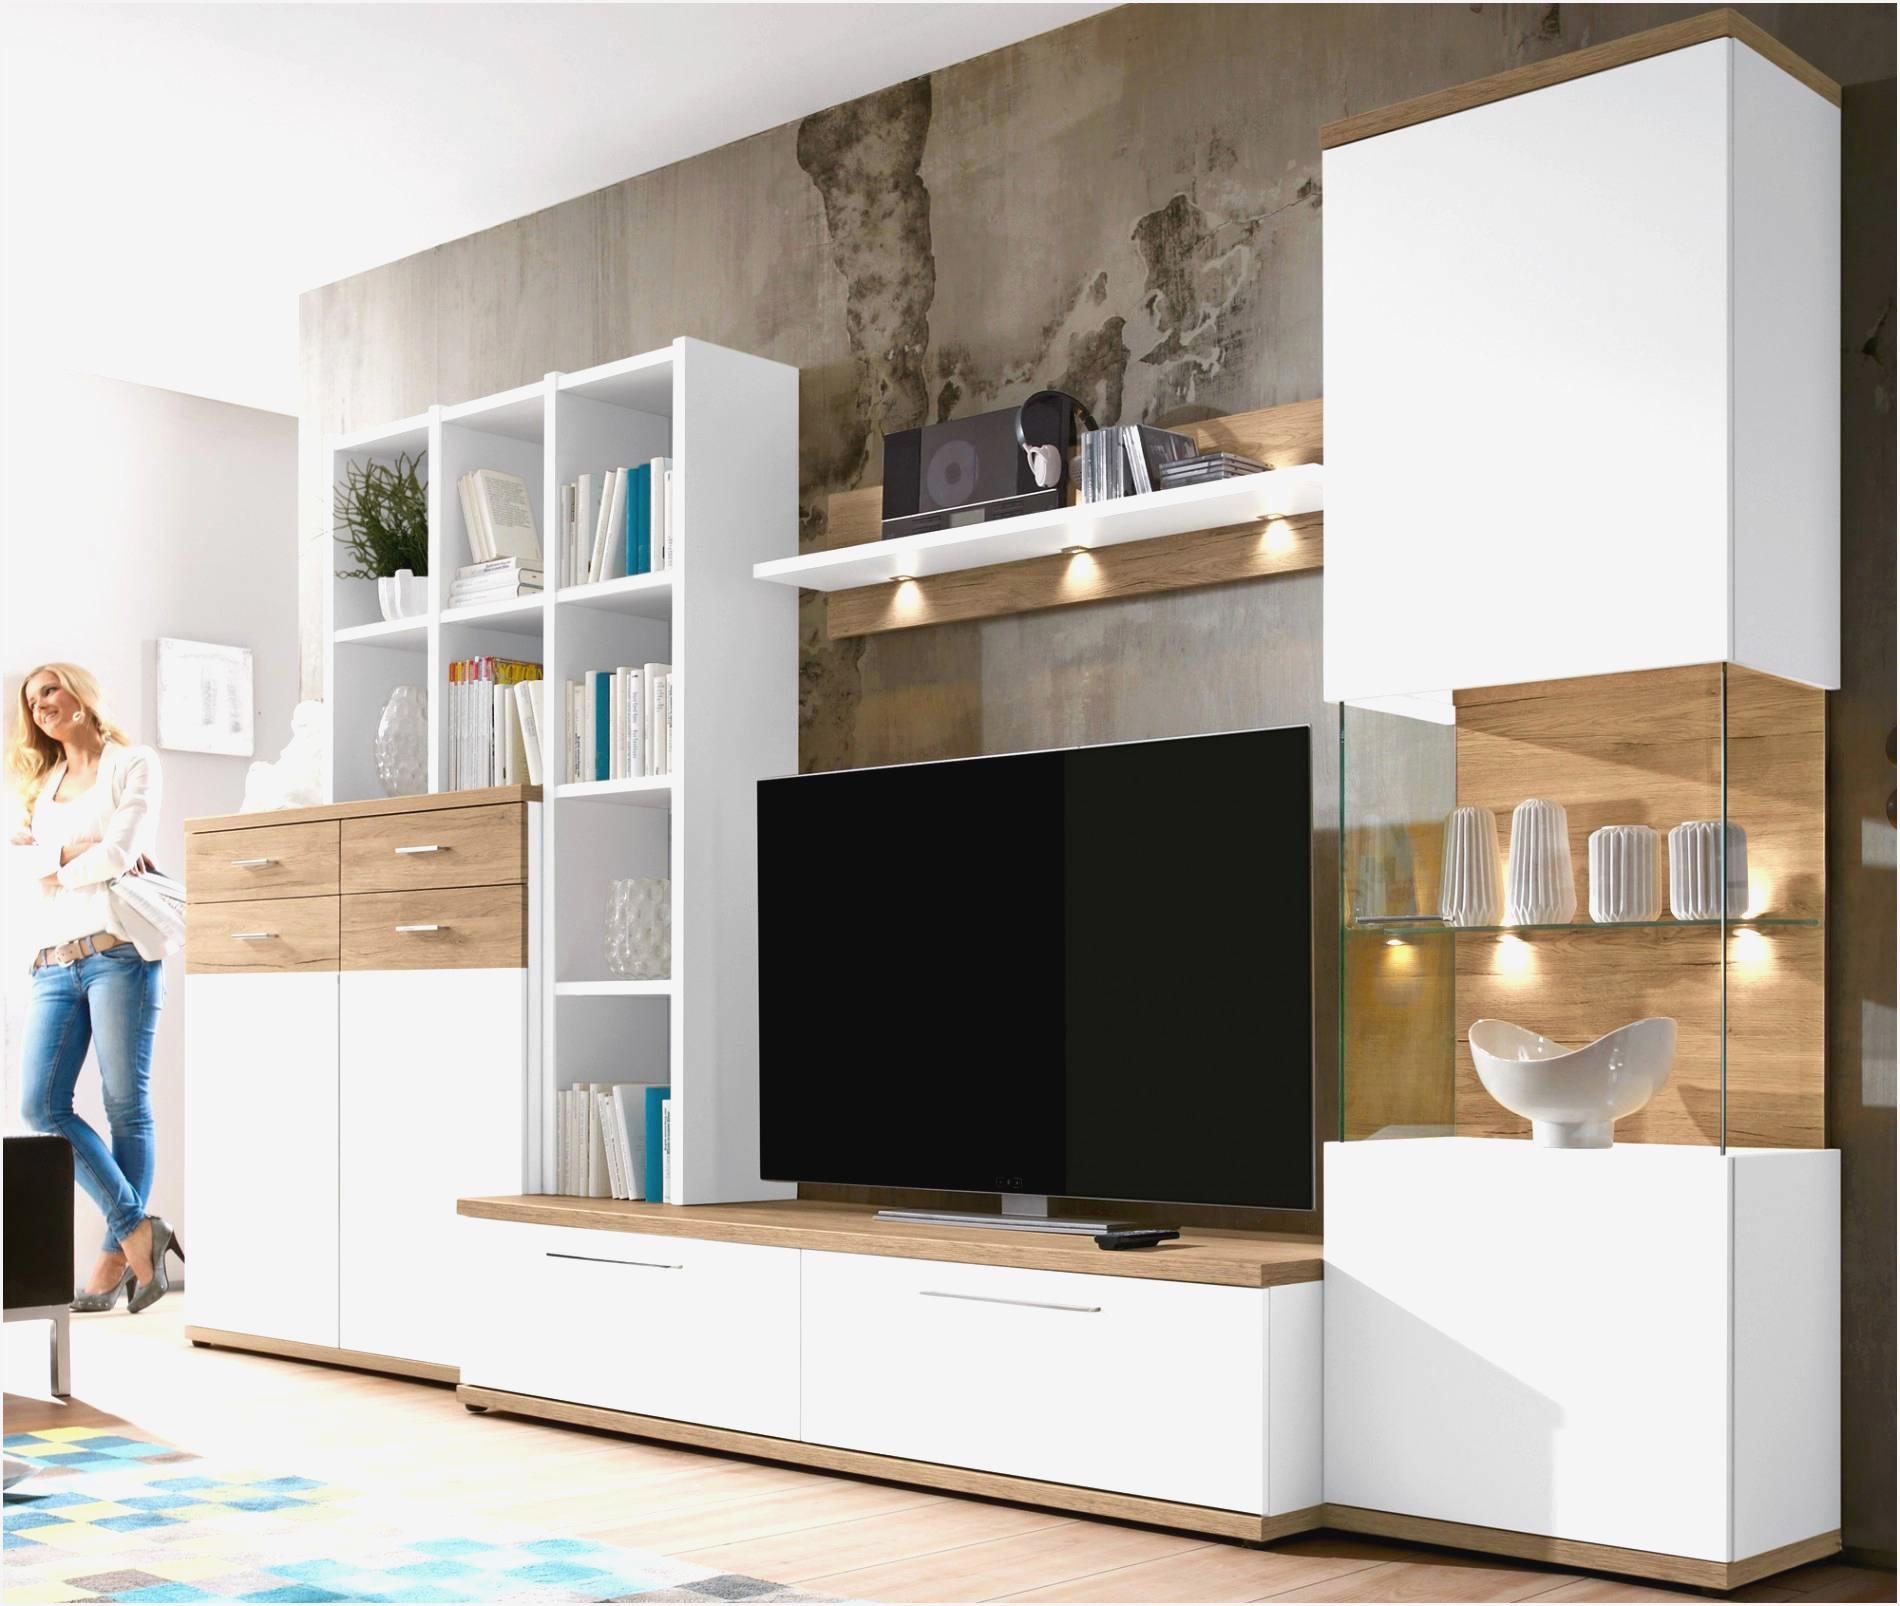 Full Size of Wohnzimmer Schrank Zum Selber Bauen Bilder Wohnzimmer Schrank Wohnzimmer